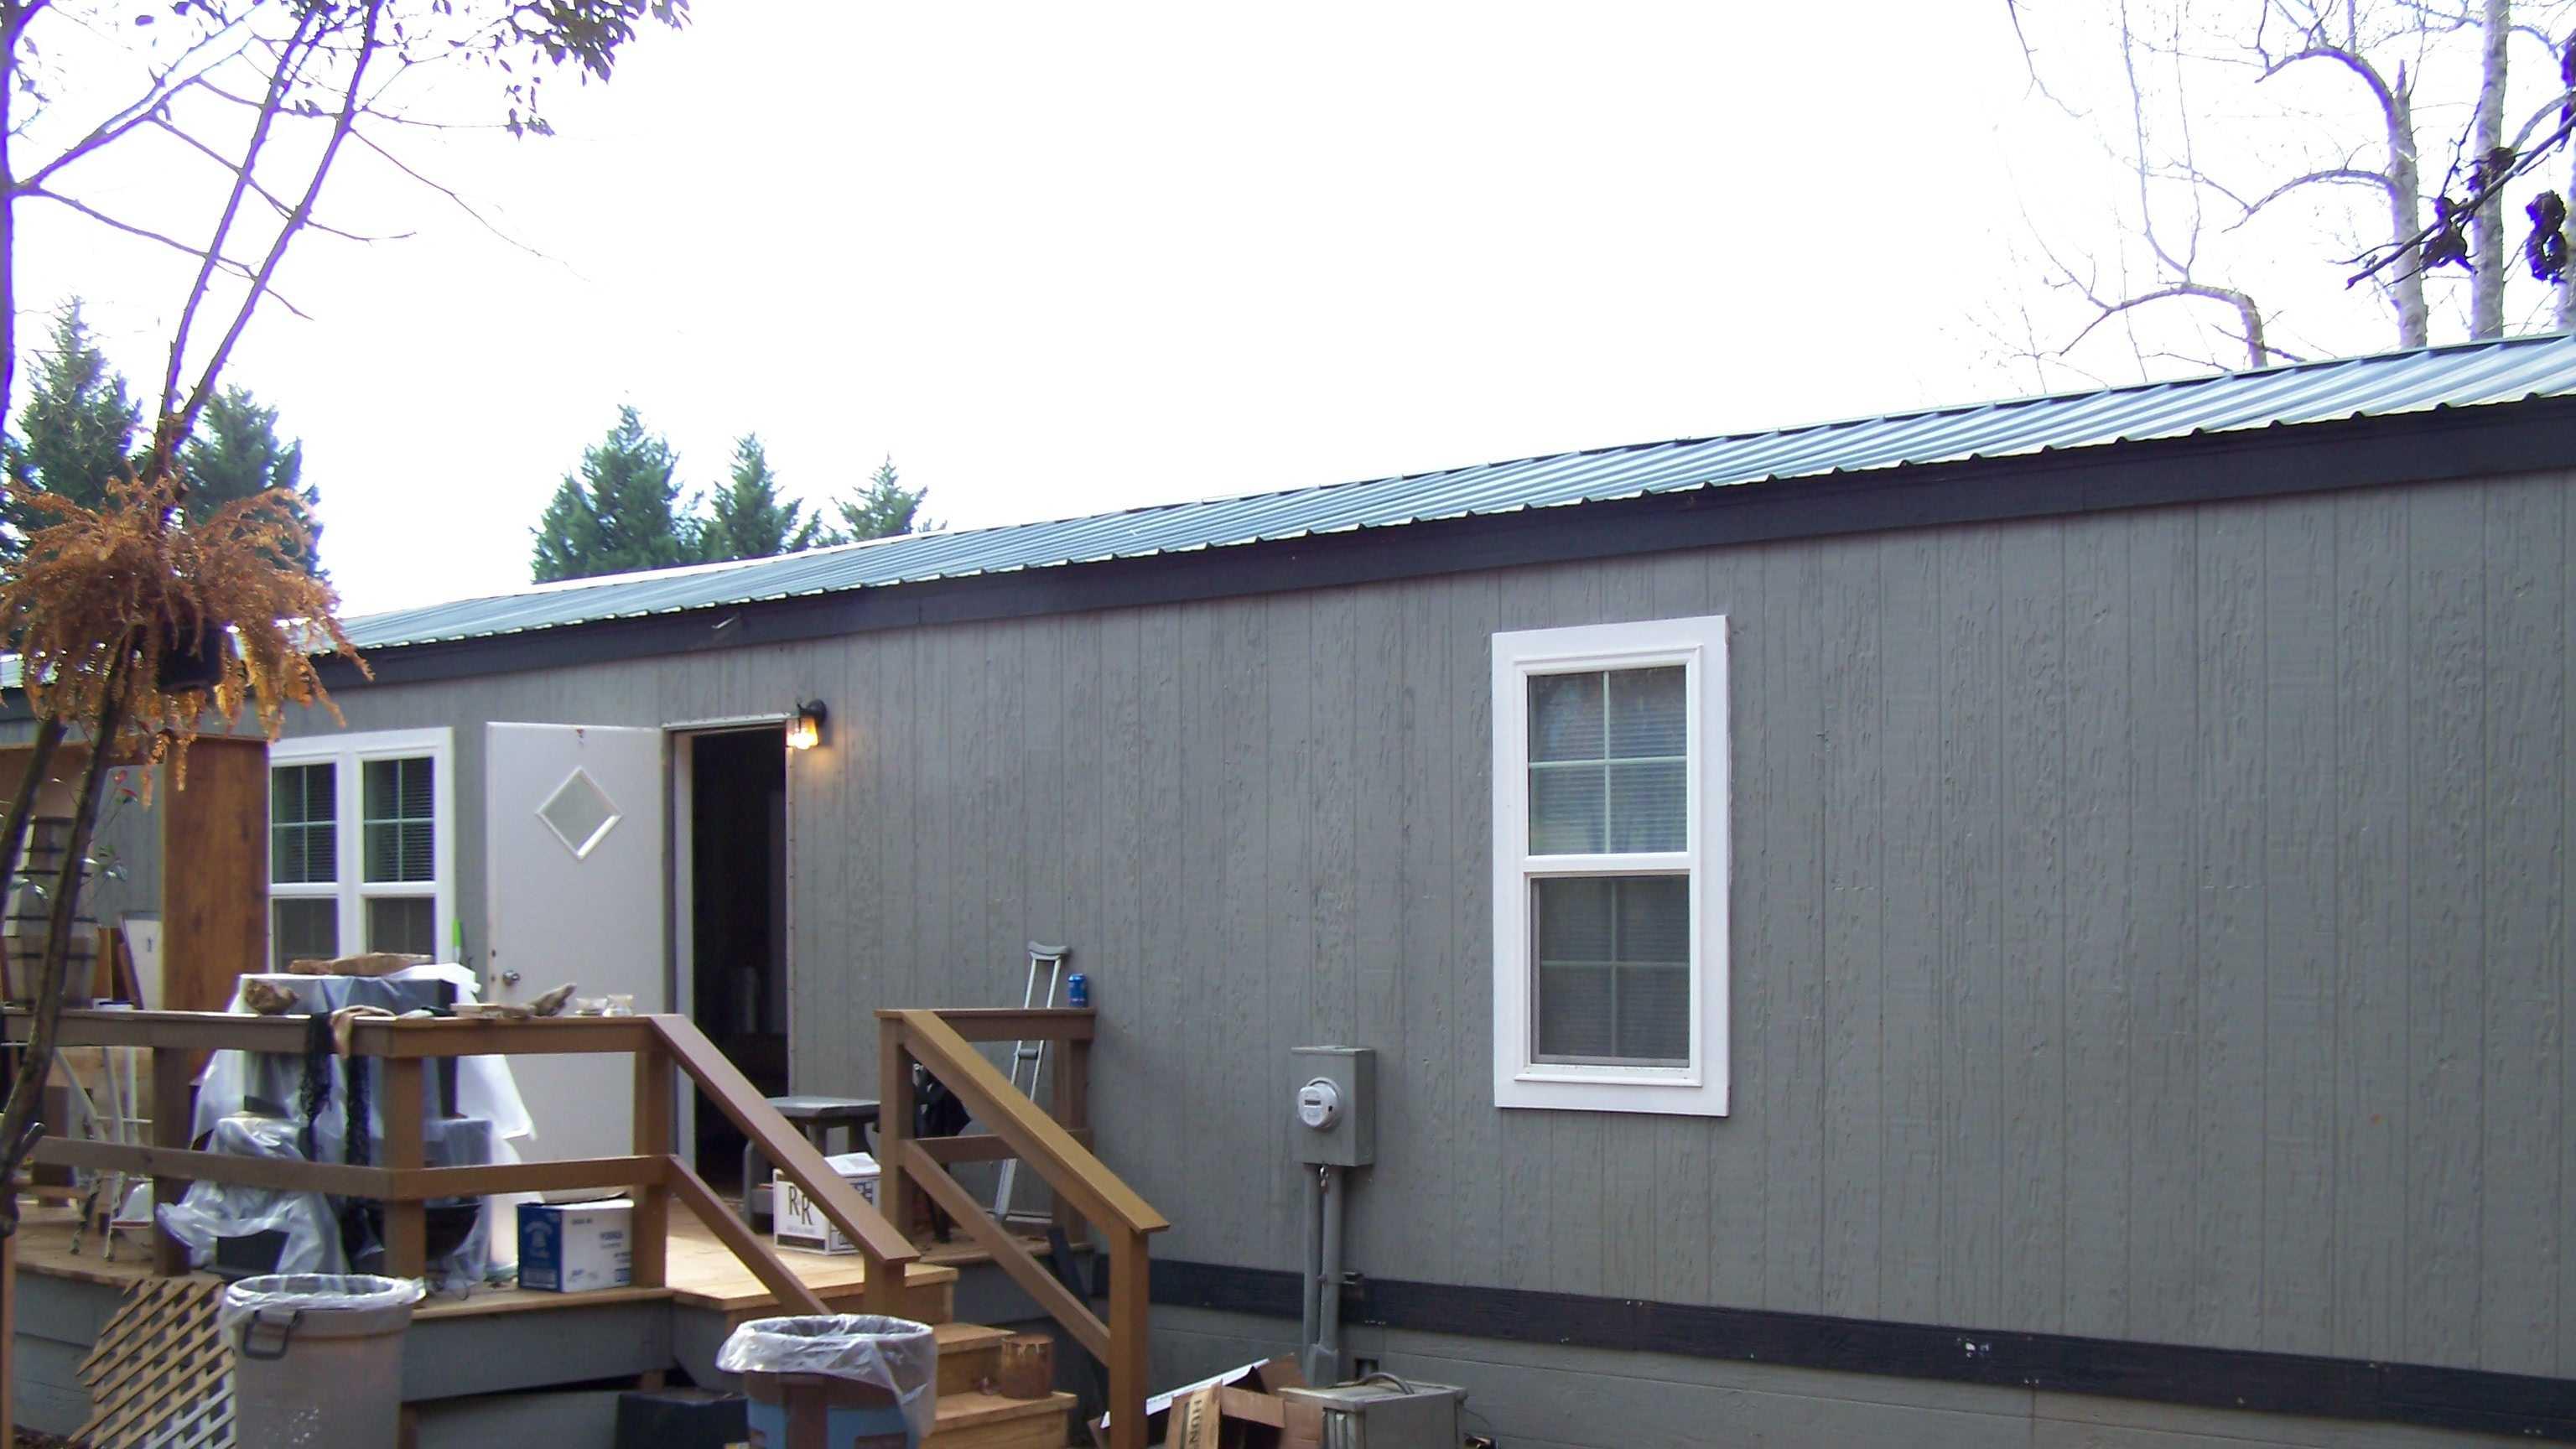 Yadkin County alleged meth lab